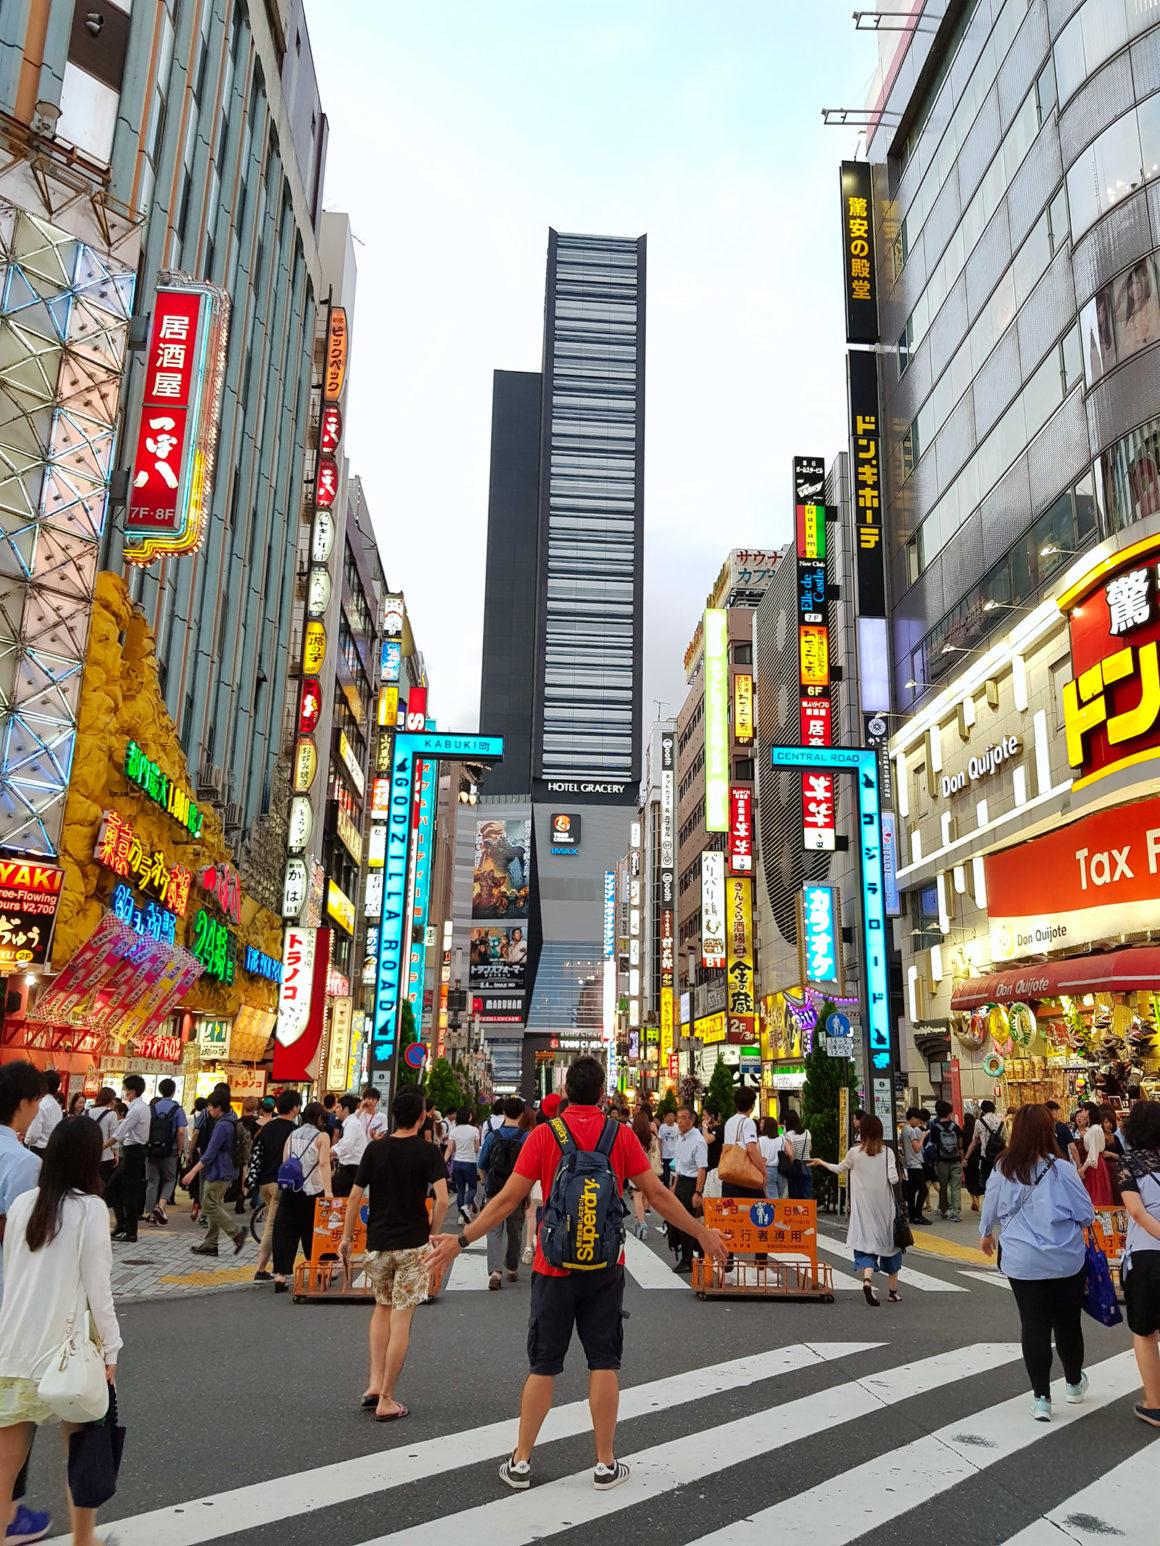 razones para visitar tokio tokyo japon razones para visitar tokio - viajar a tokio que ver en tokyo 09 1160x1546 - 10 razones para visitar Tokio